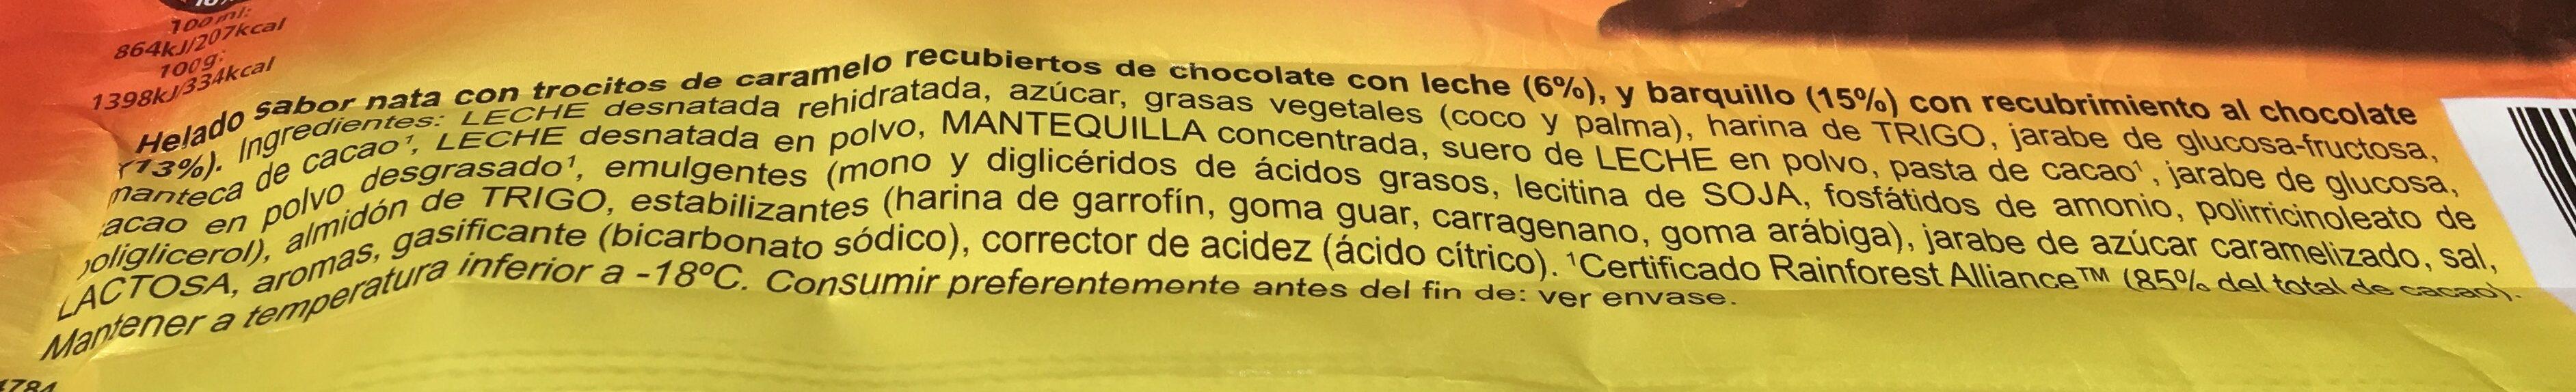 Helado Frigo Negriton Unidad - Ingredients